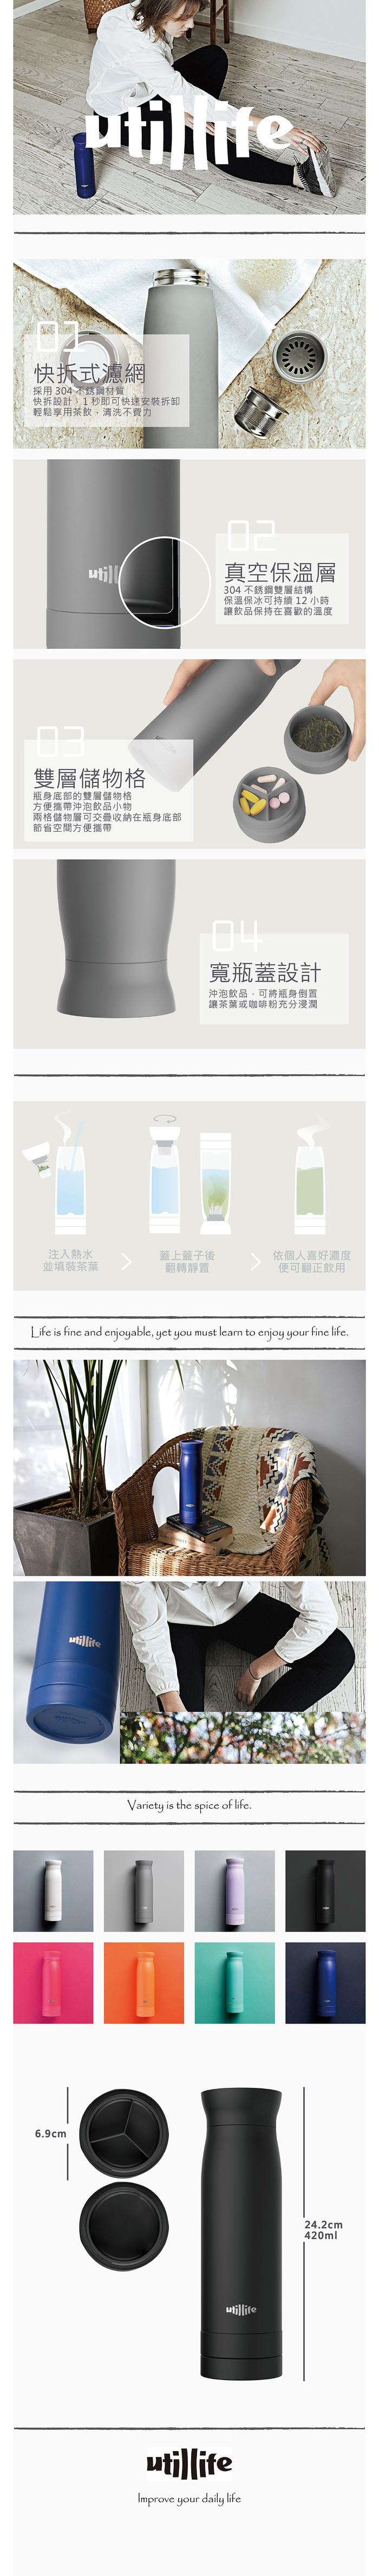 Utillife |輕盈收納304不銹鋼保溫瓶(420ml) - 藍色